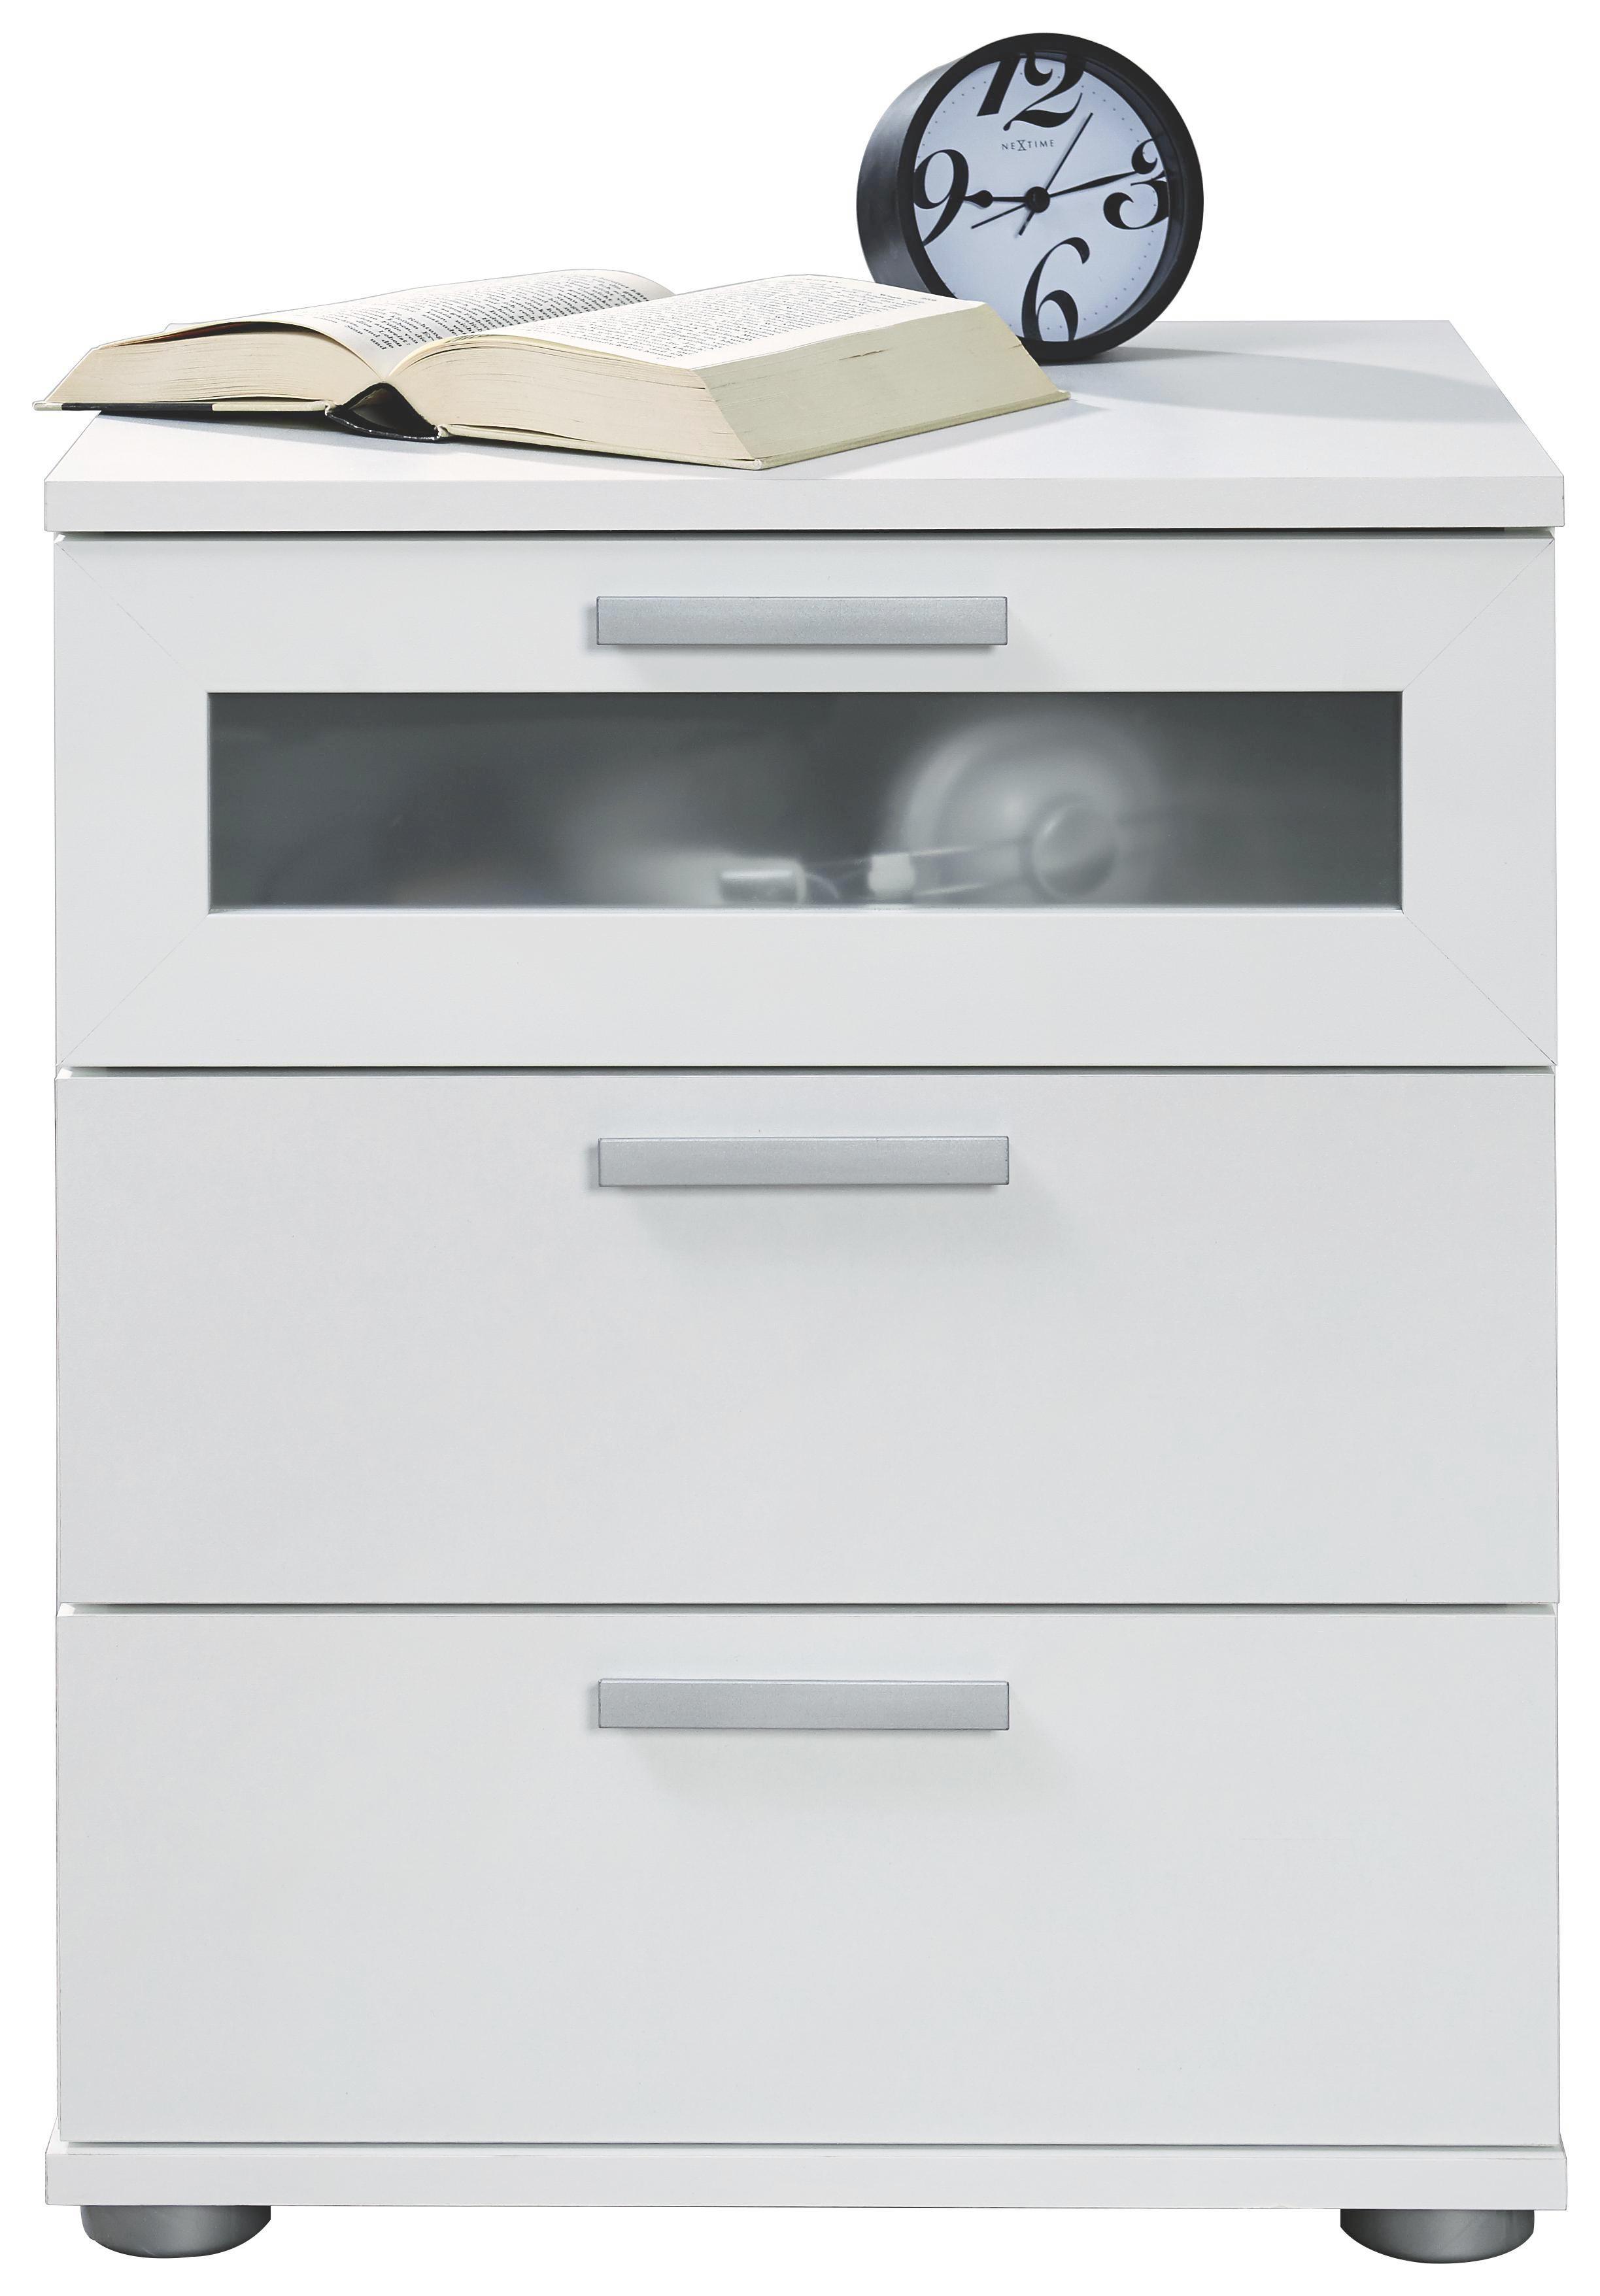 NACHTKÄSTCHEN Melamin Weiß - Silberfarben/Weiß, Design, Kunststoff (45/53,5/38cm) - CARRYHOME